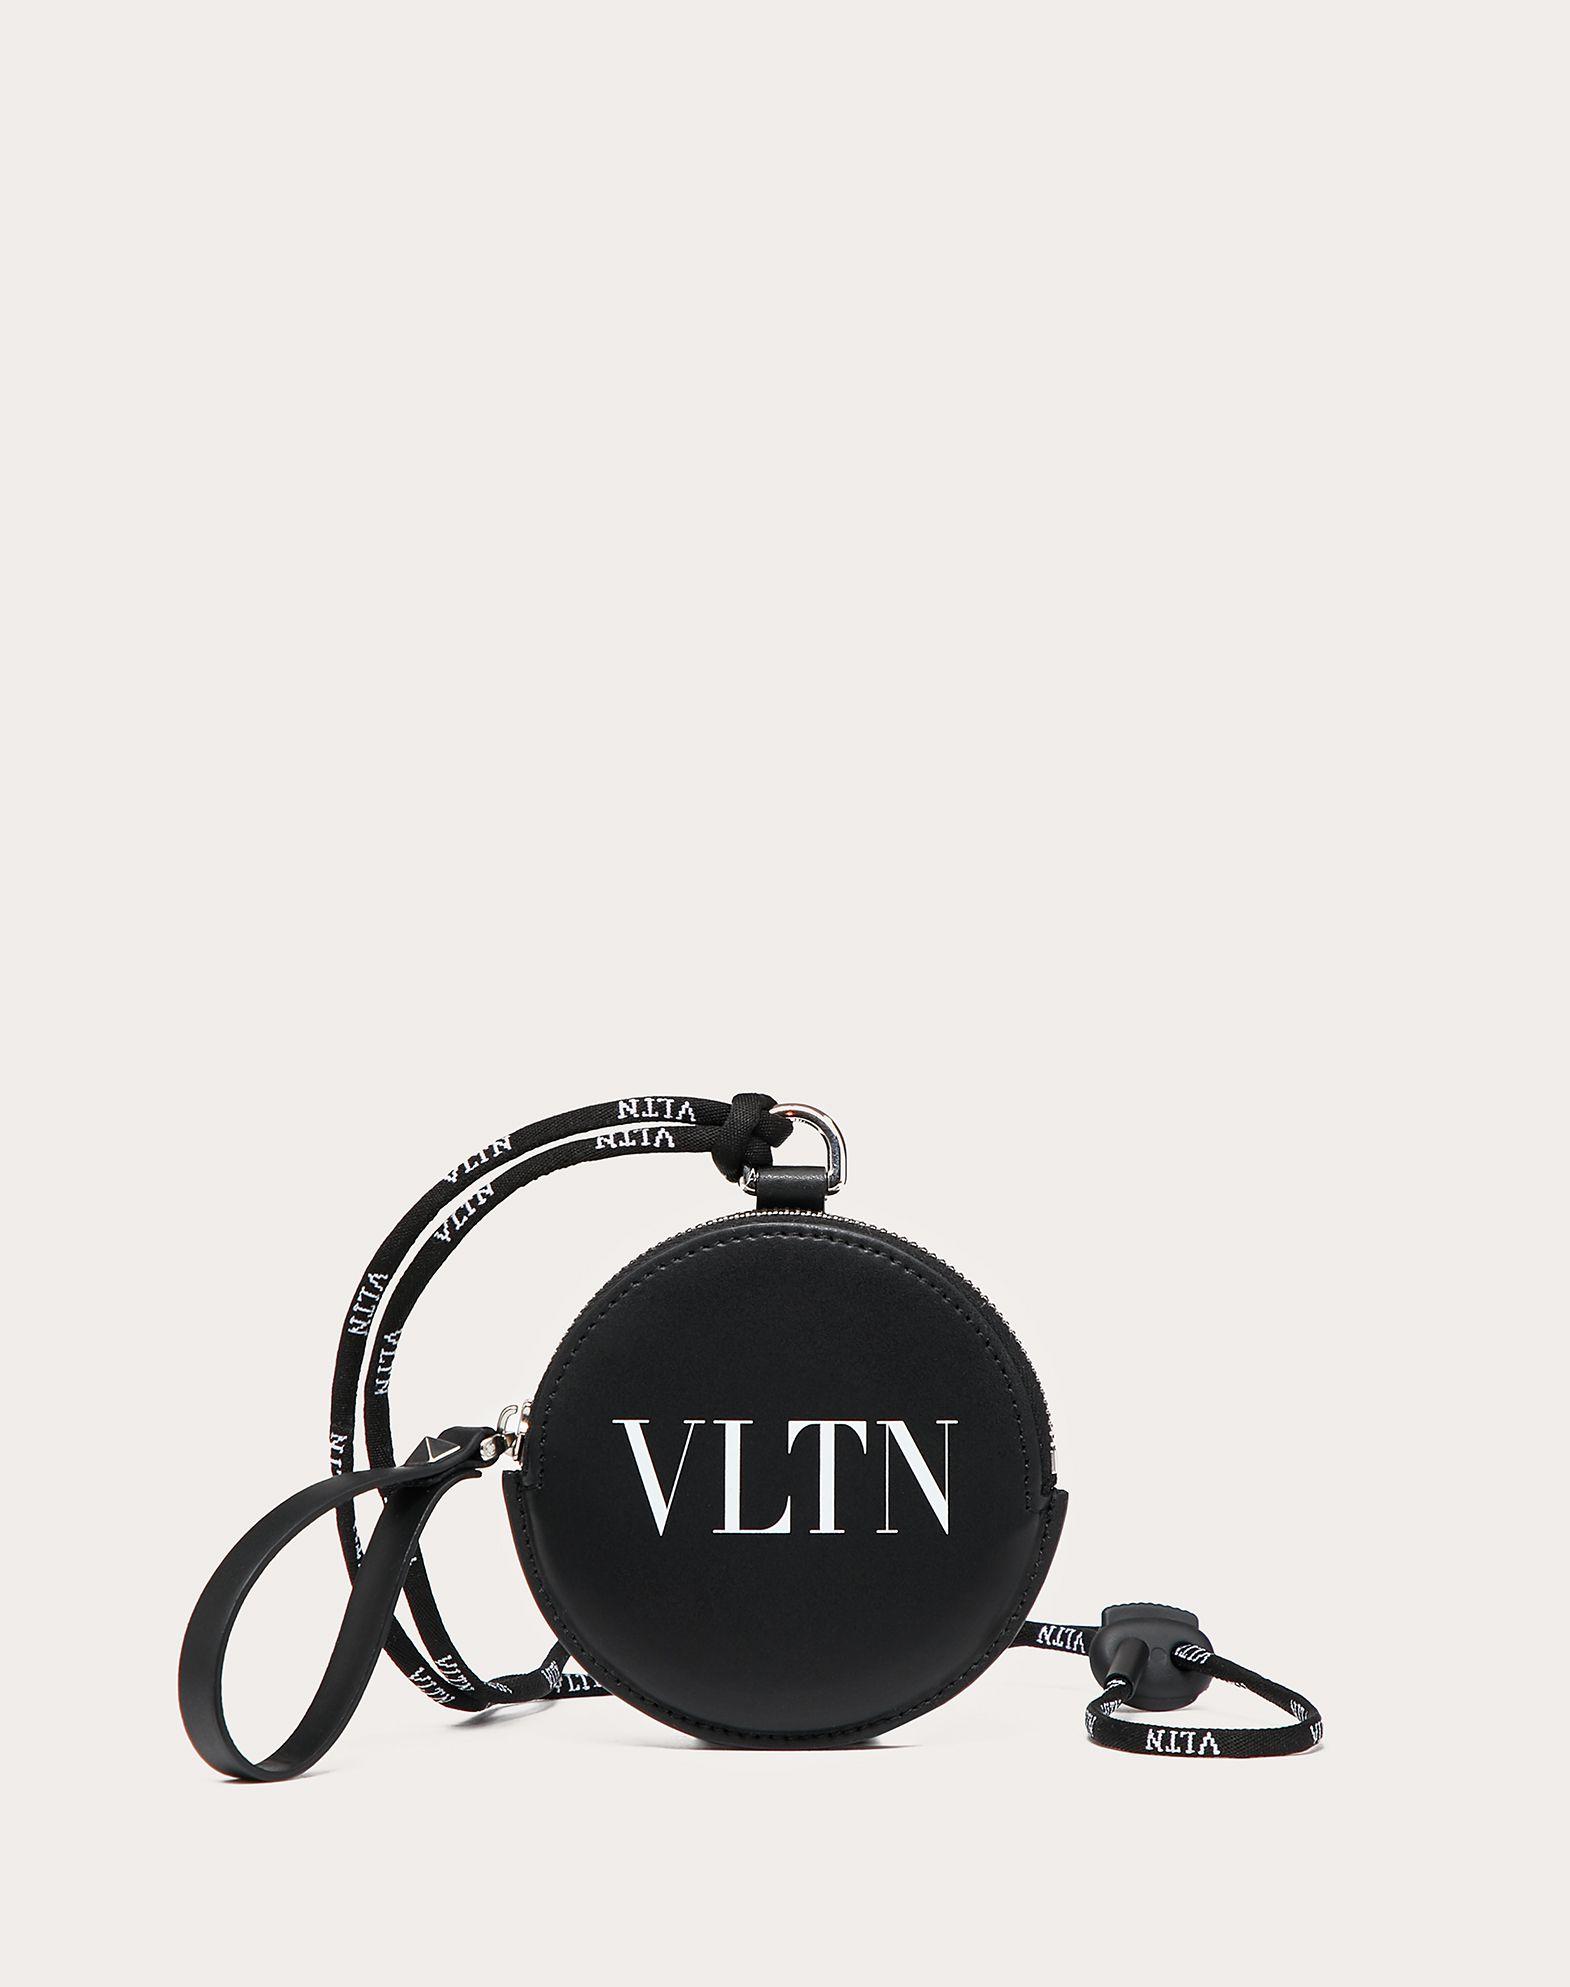 VALENTINO Solid color Logo Zip  45411258lv